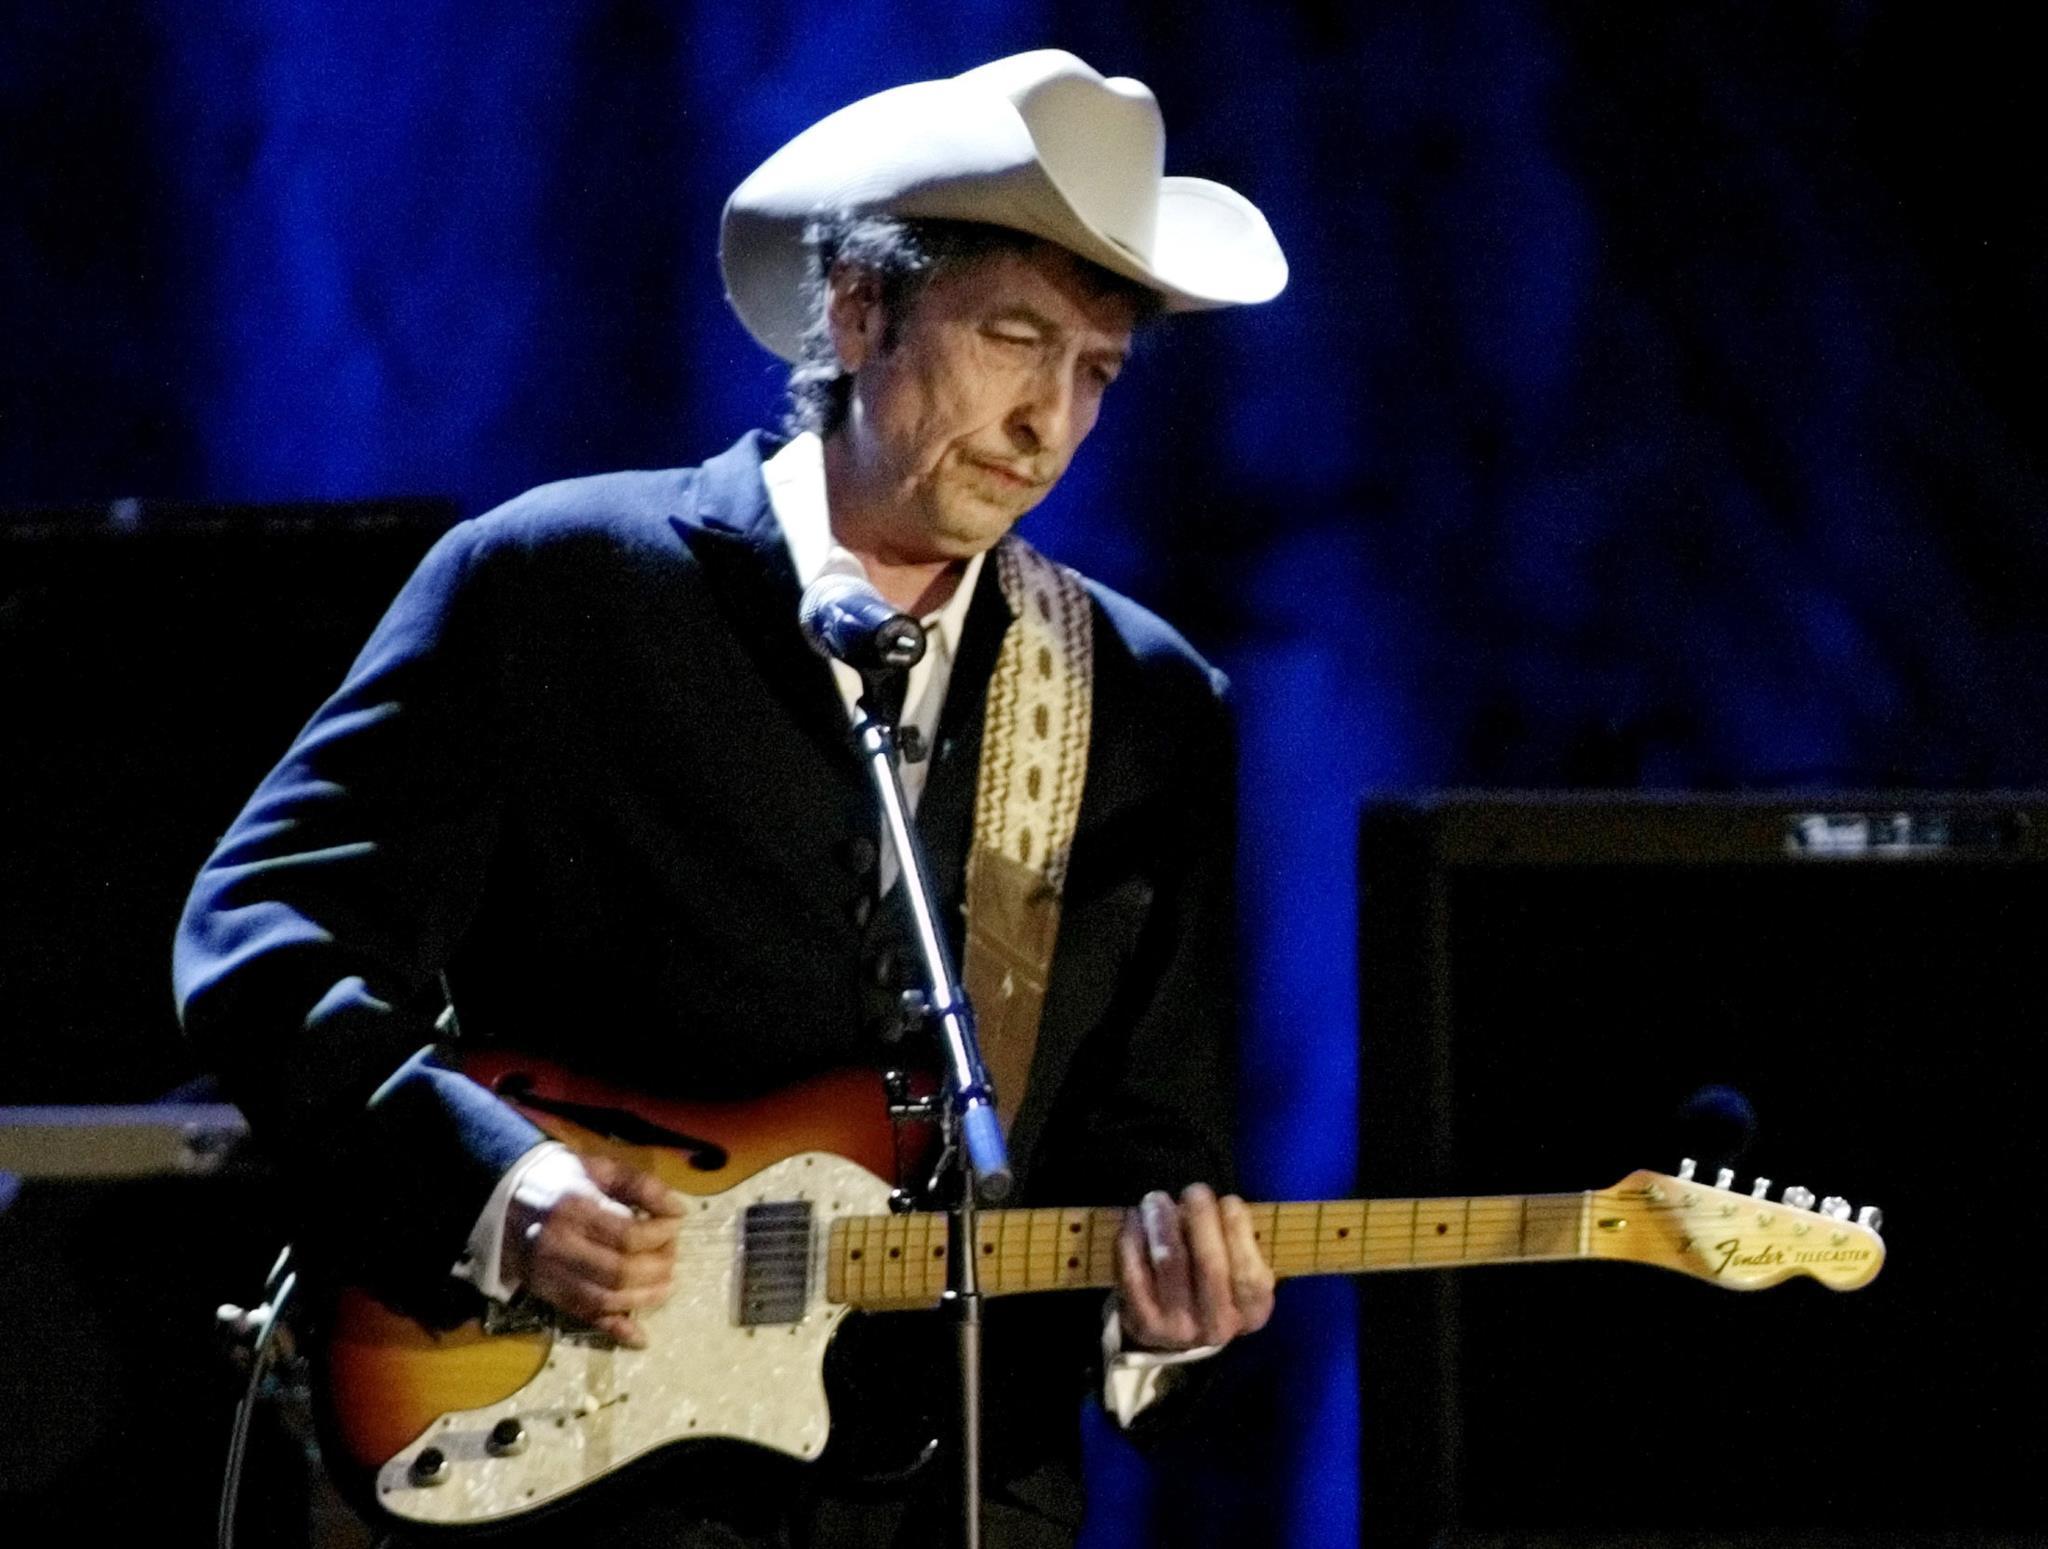 PÚBLICO - Bob Dylan, o fã de Amy Winehouse, o homem dos standards sem nostalgia